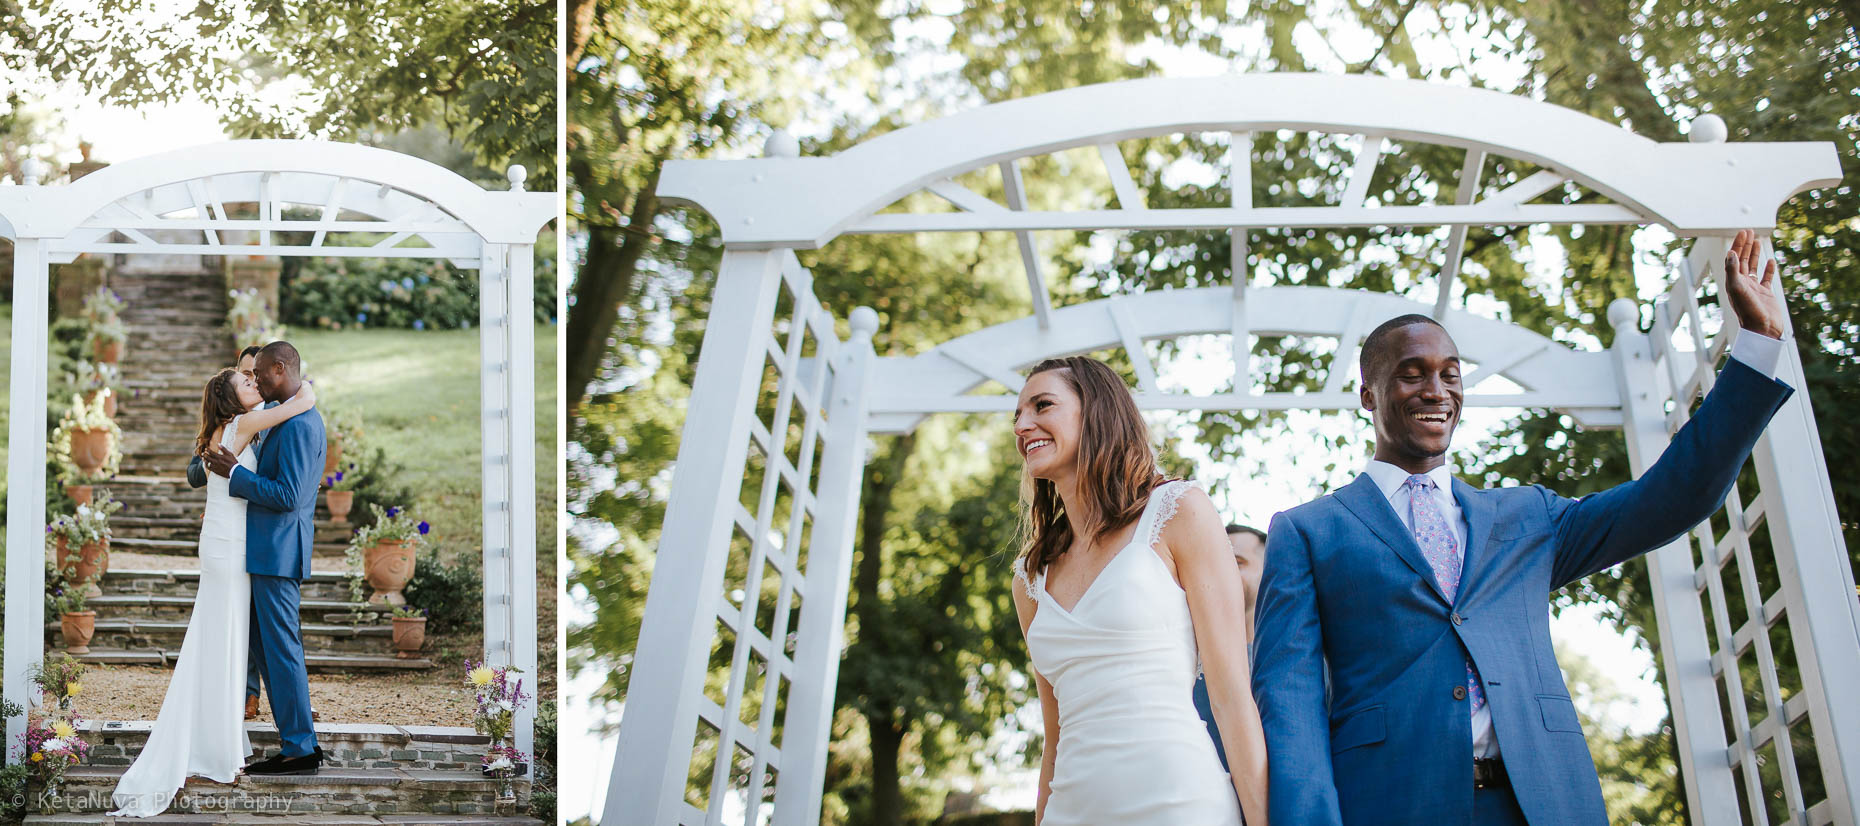 Sunken Garden - Lauxmont Farms Wedding   Aubrey & Barrett Lauxmont Farms Wedding Sunken Garden 012